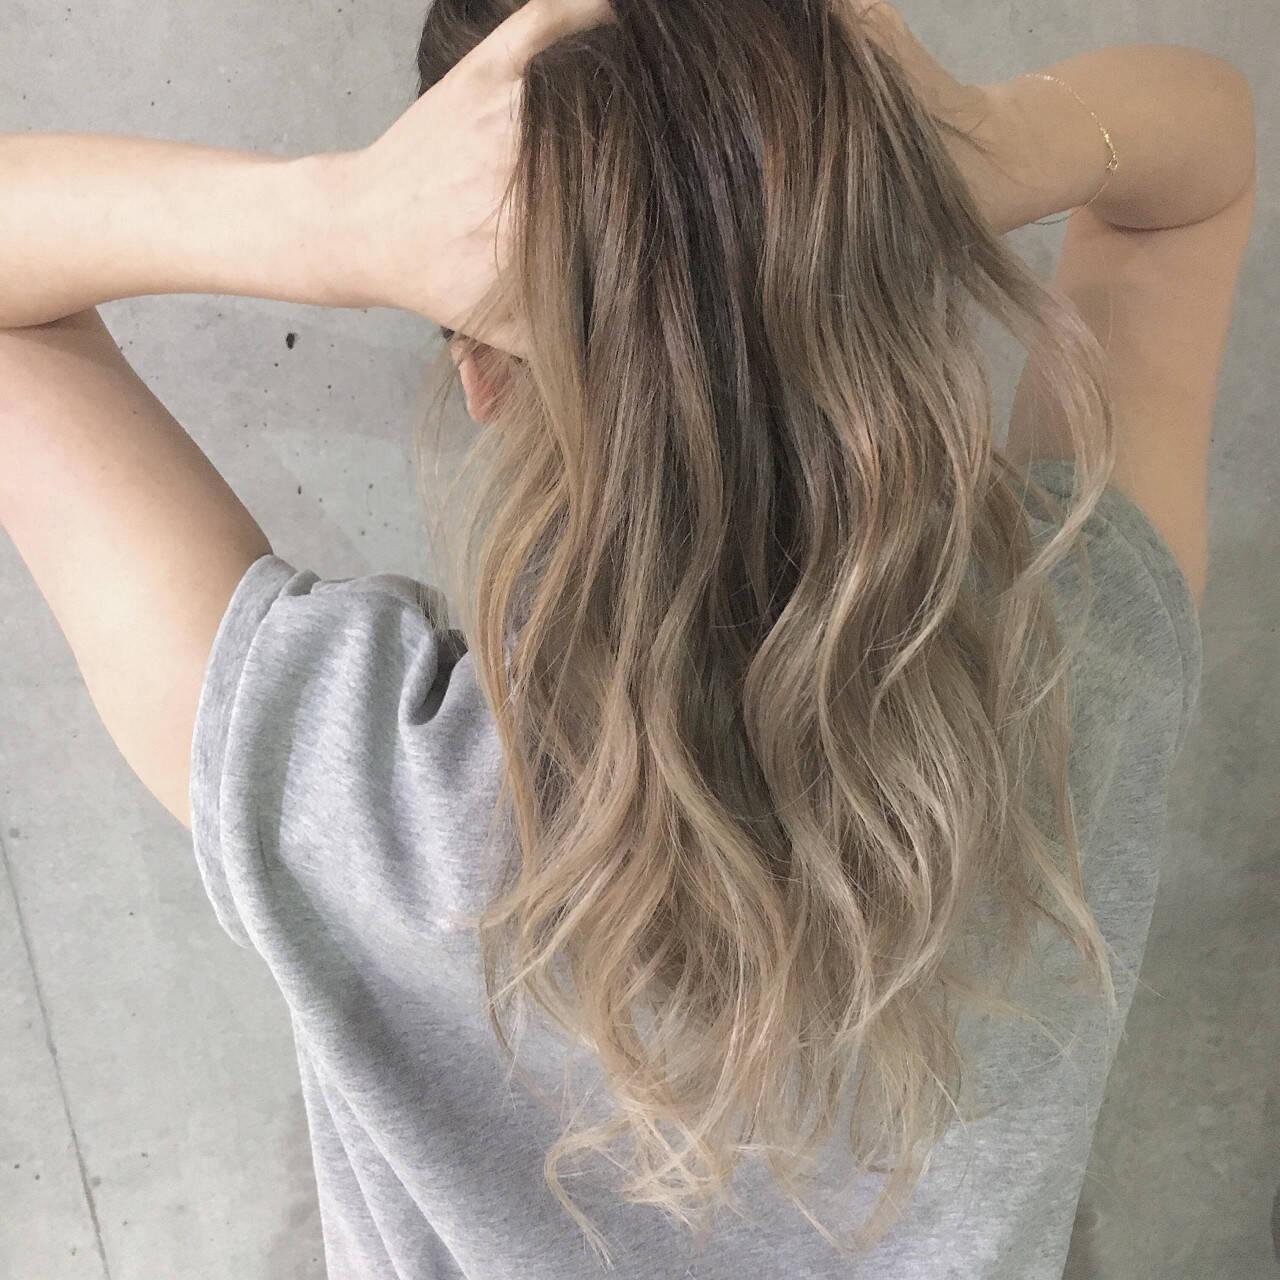 夏 グラデーションカラー エレガント ハイライトヘアスタイルや髪型の写真・画像